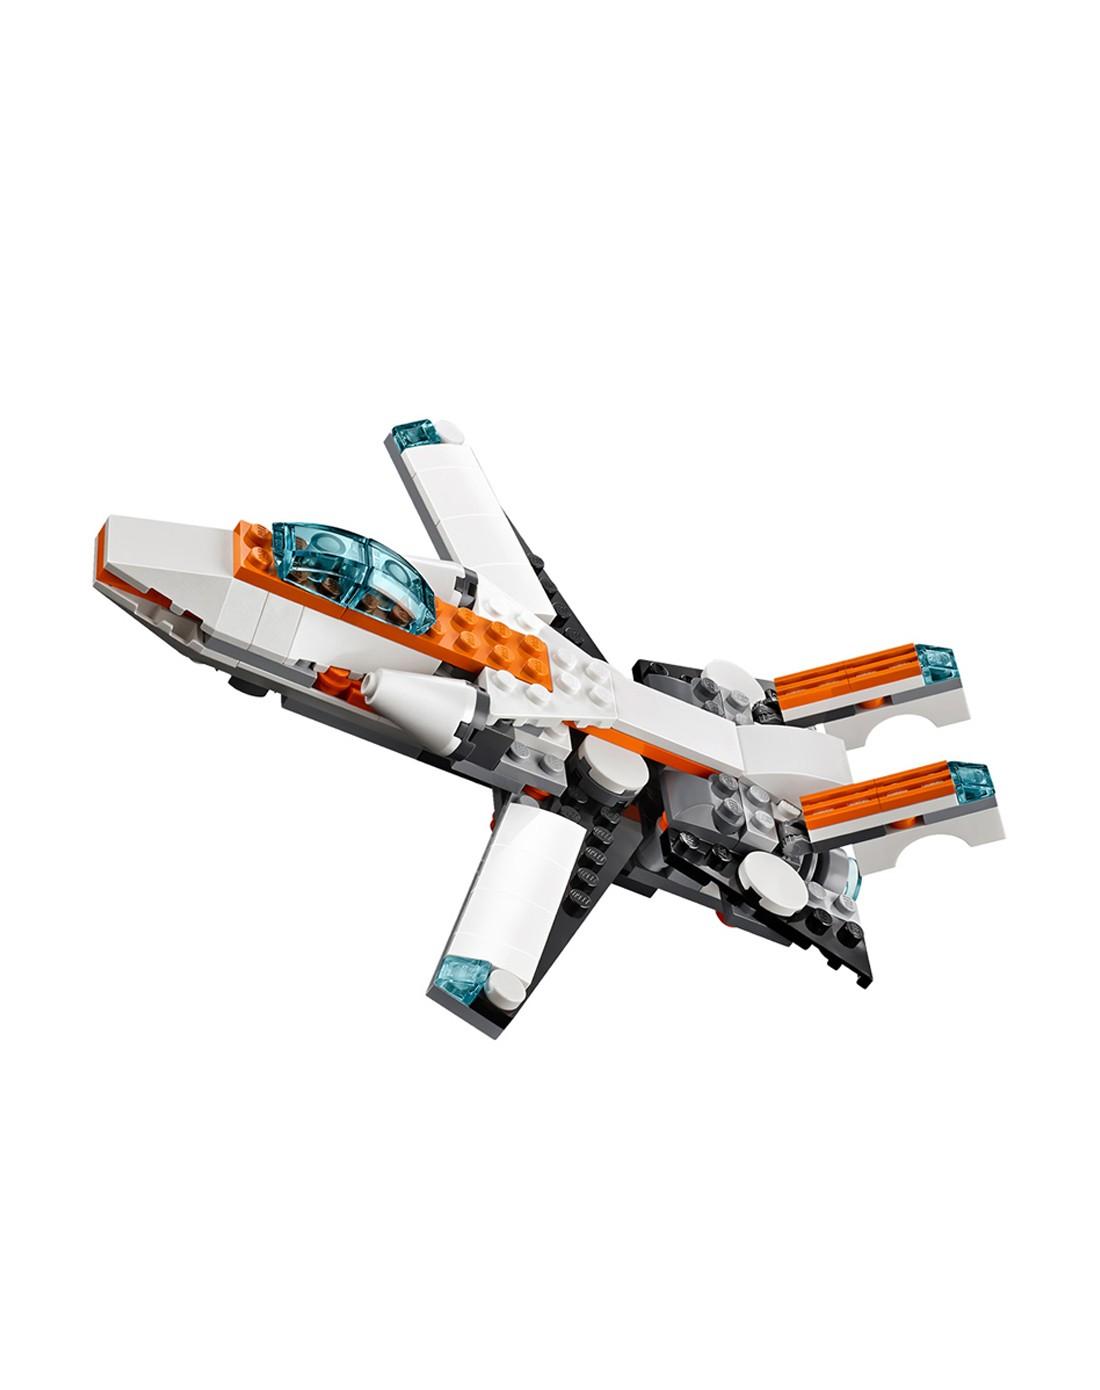 乐高lego国际顶级拼插益智玩具专场乐高未来飞行器